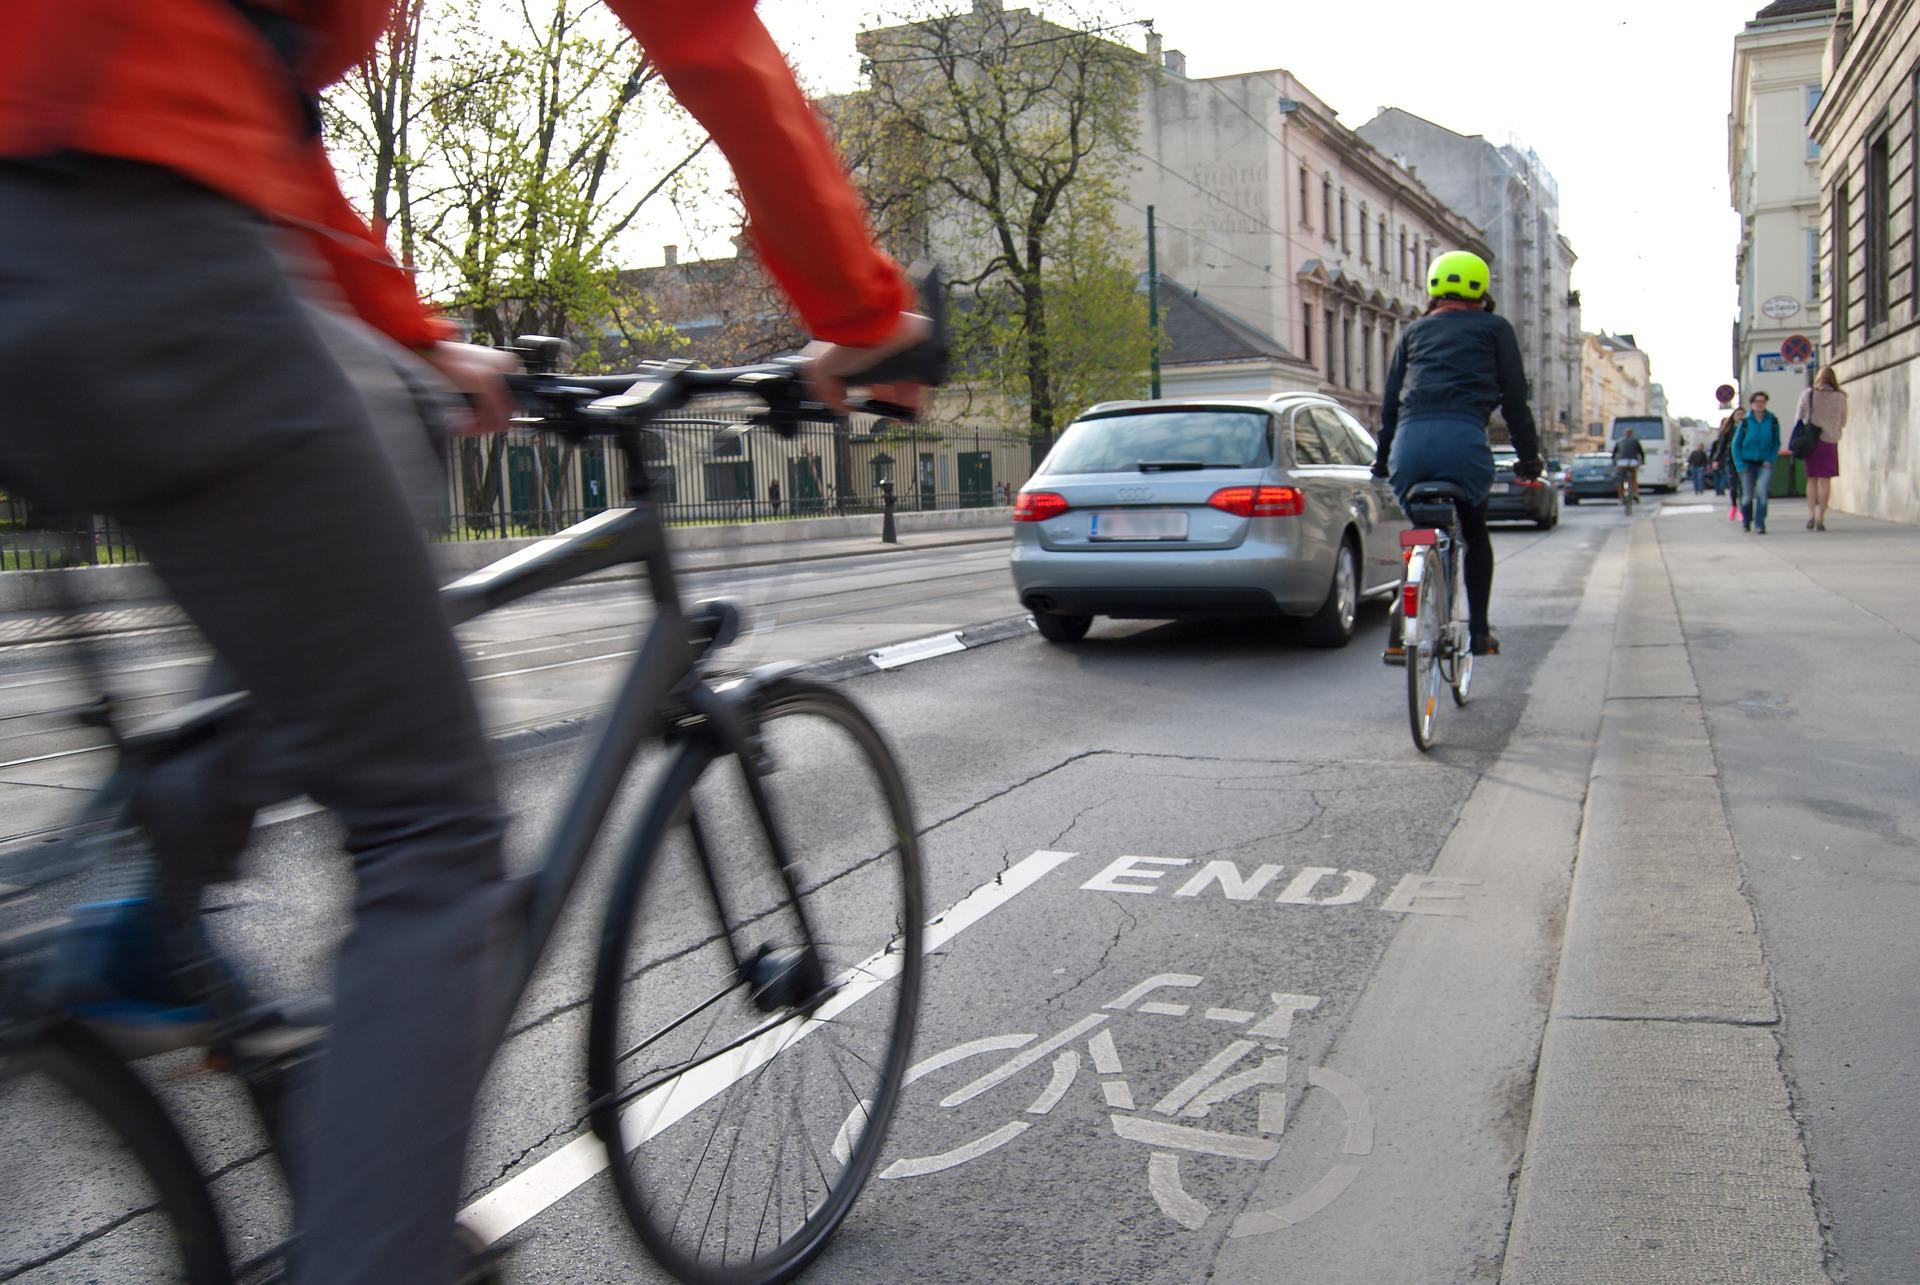 bicicleta en el carril bici de la calle